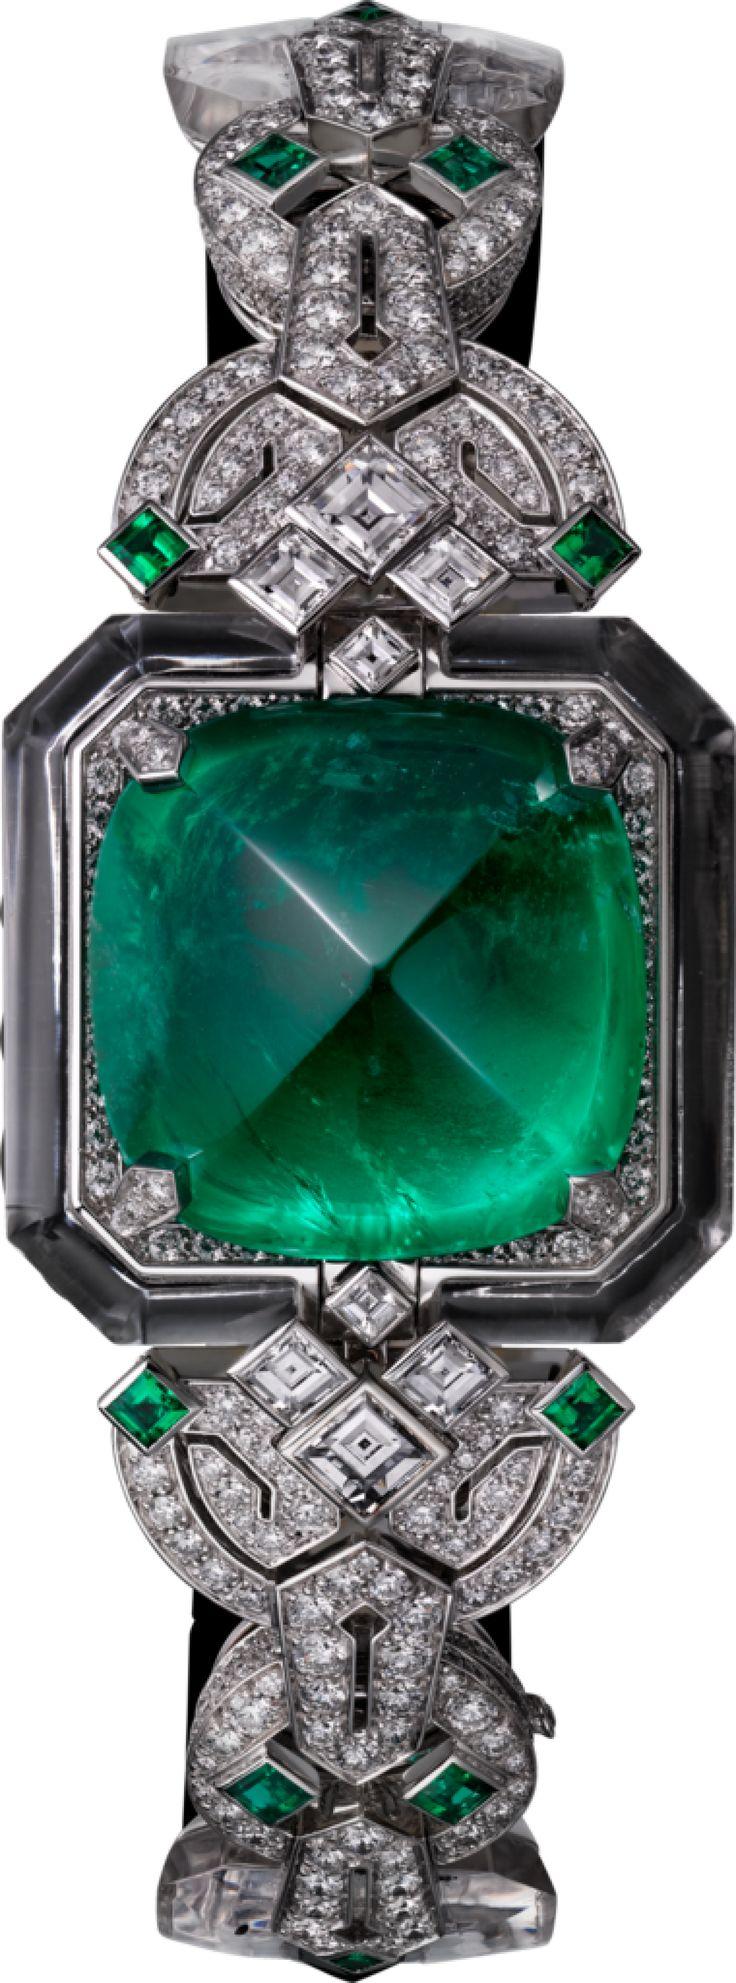 RELOJ HORA SECRETA DE ALTA JOYERÍA  Movimiento de cuarzo, oro blanco de 18 quilates, esmeralda, diamantes, ónix, cristal de roca